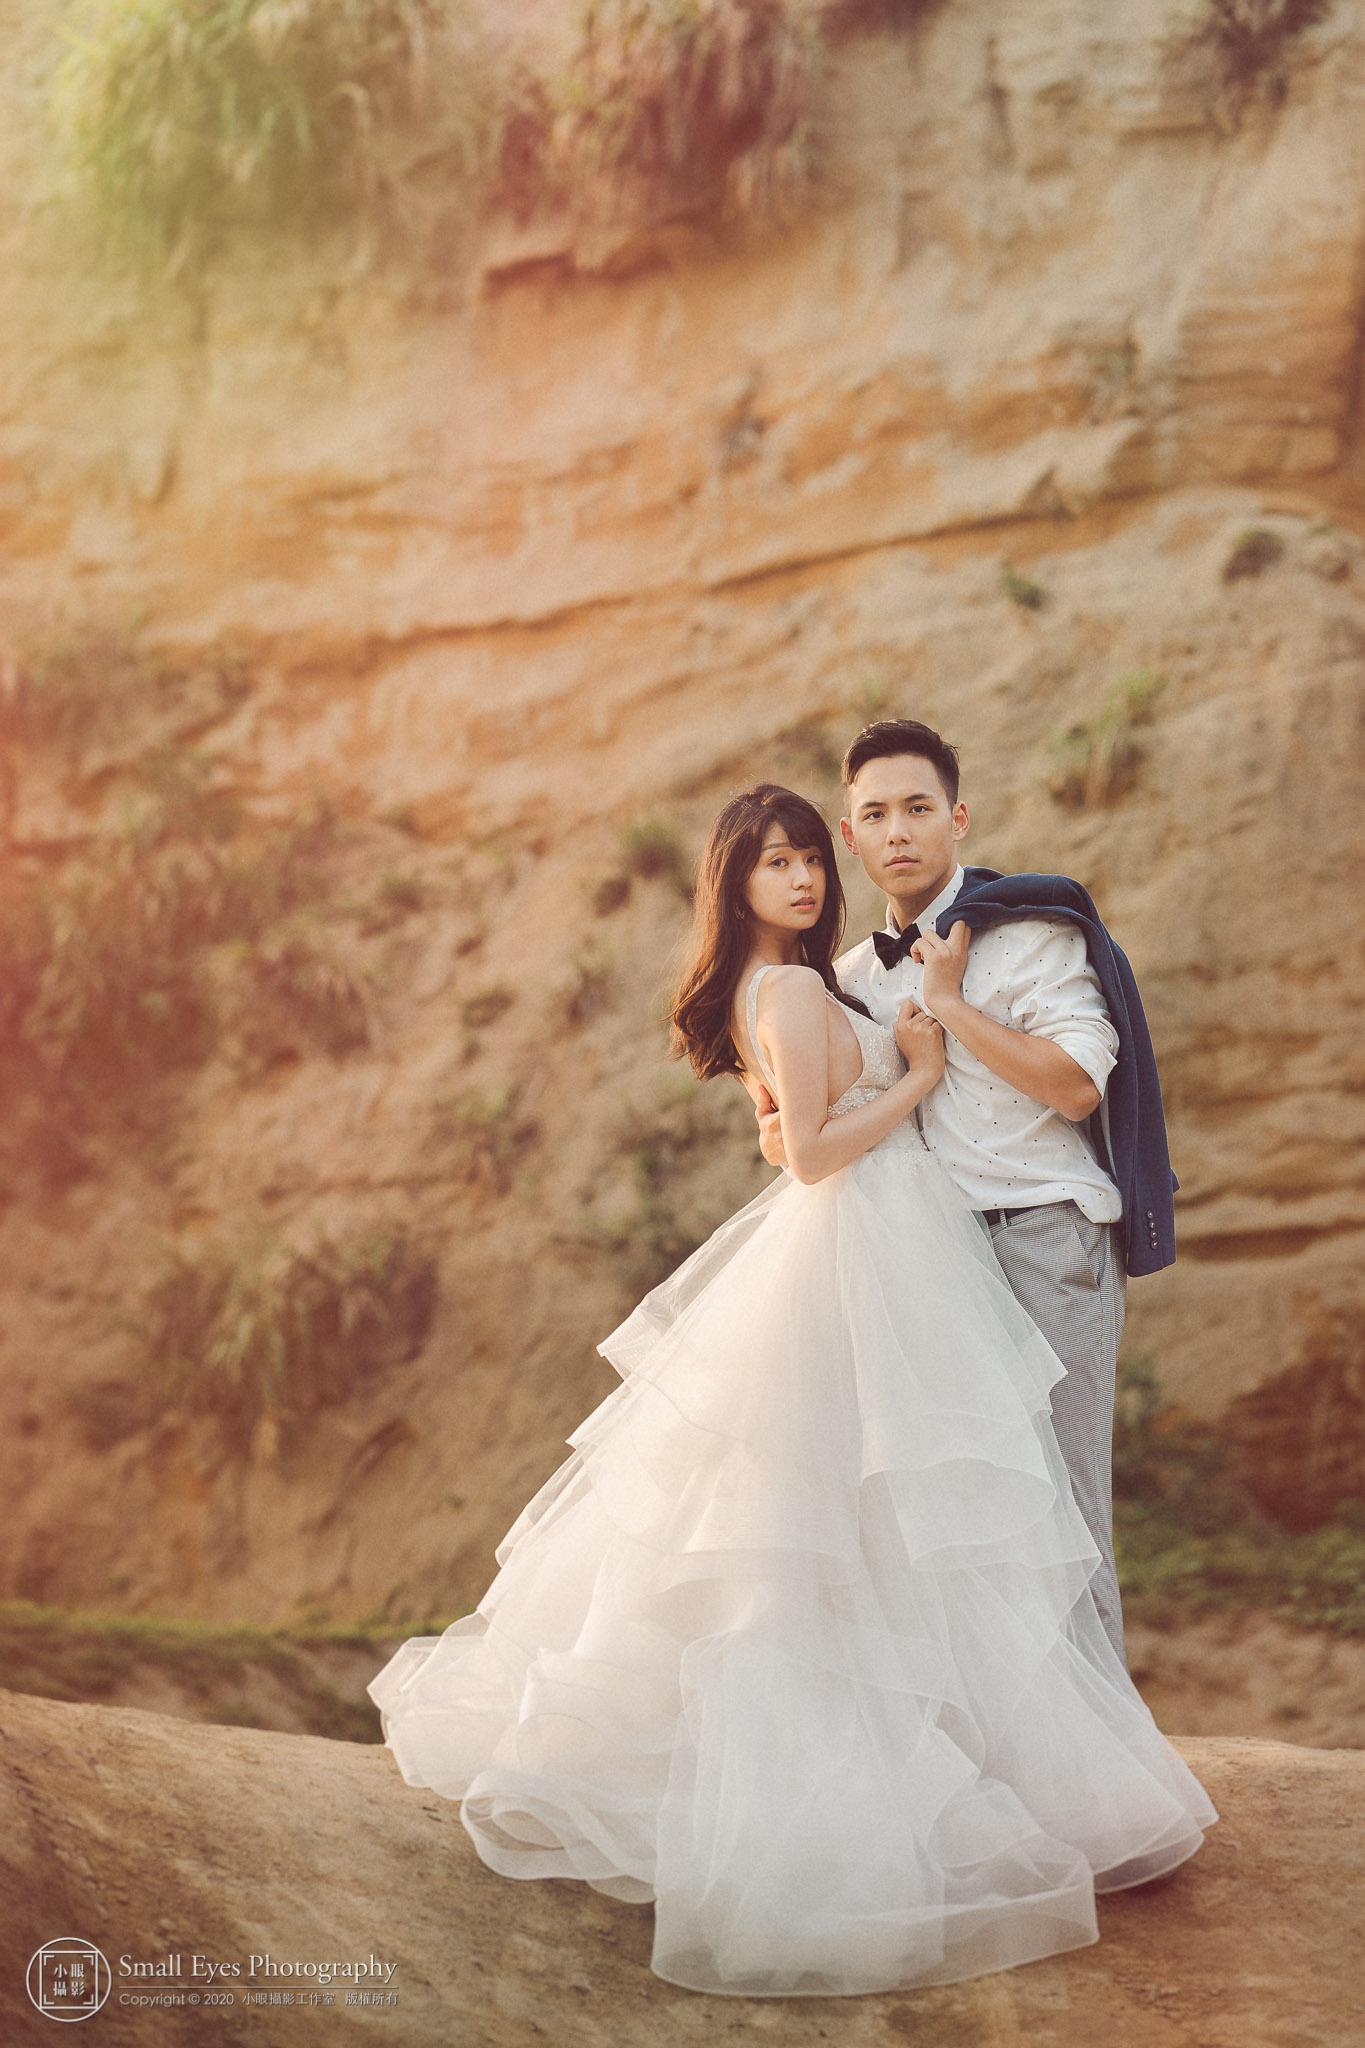 【小眼攝影自助婚紗】婚紗包套服務說明